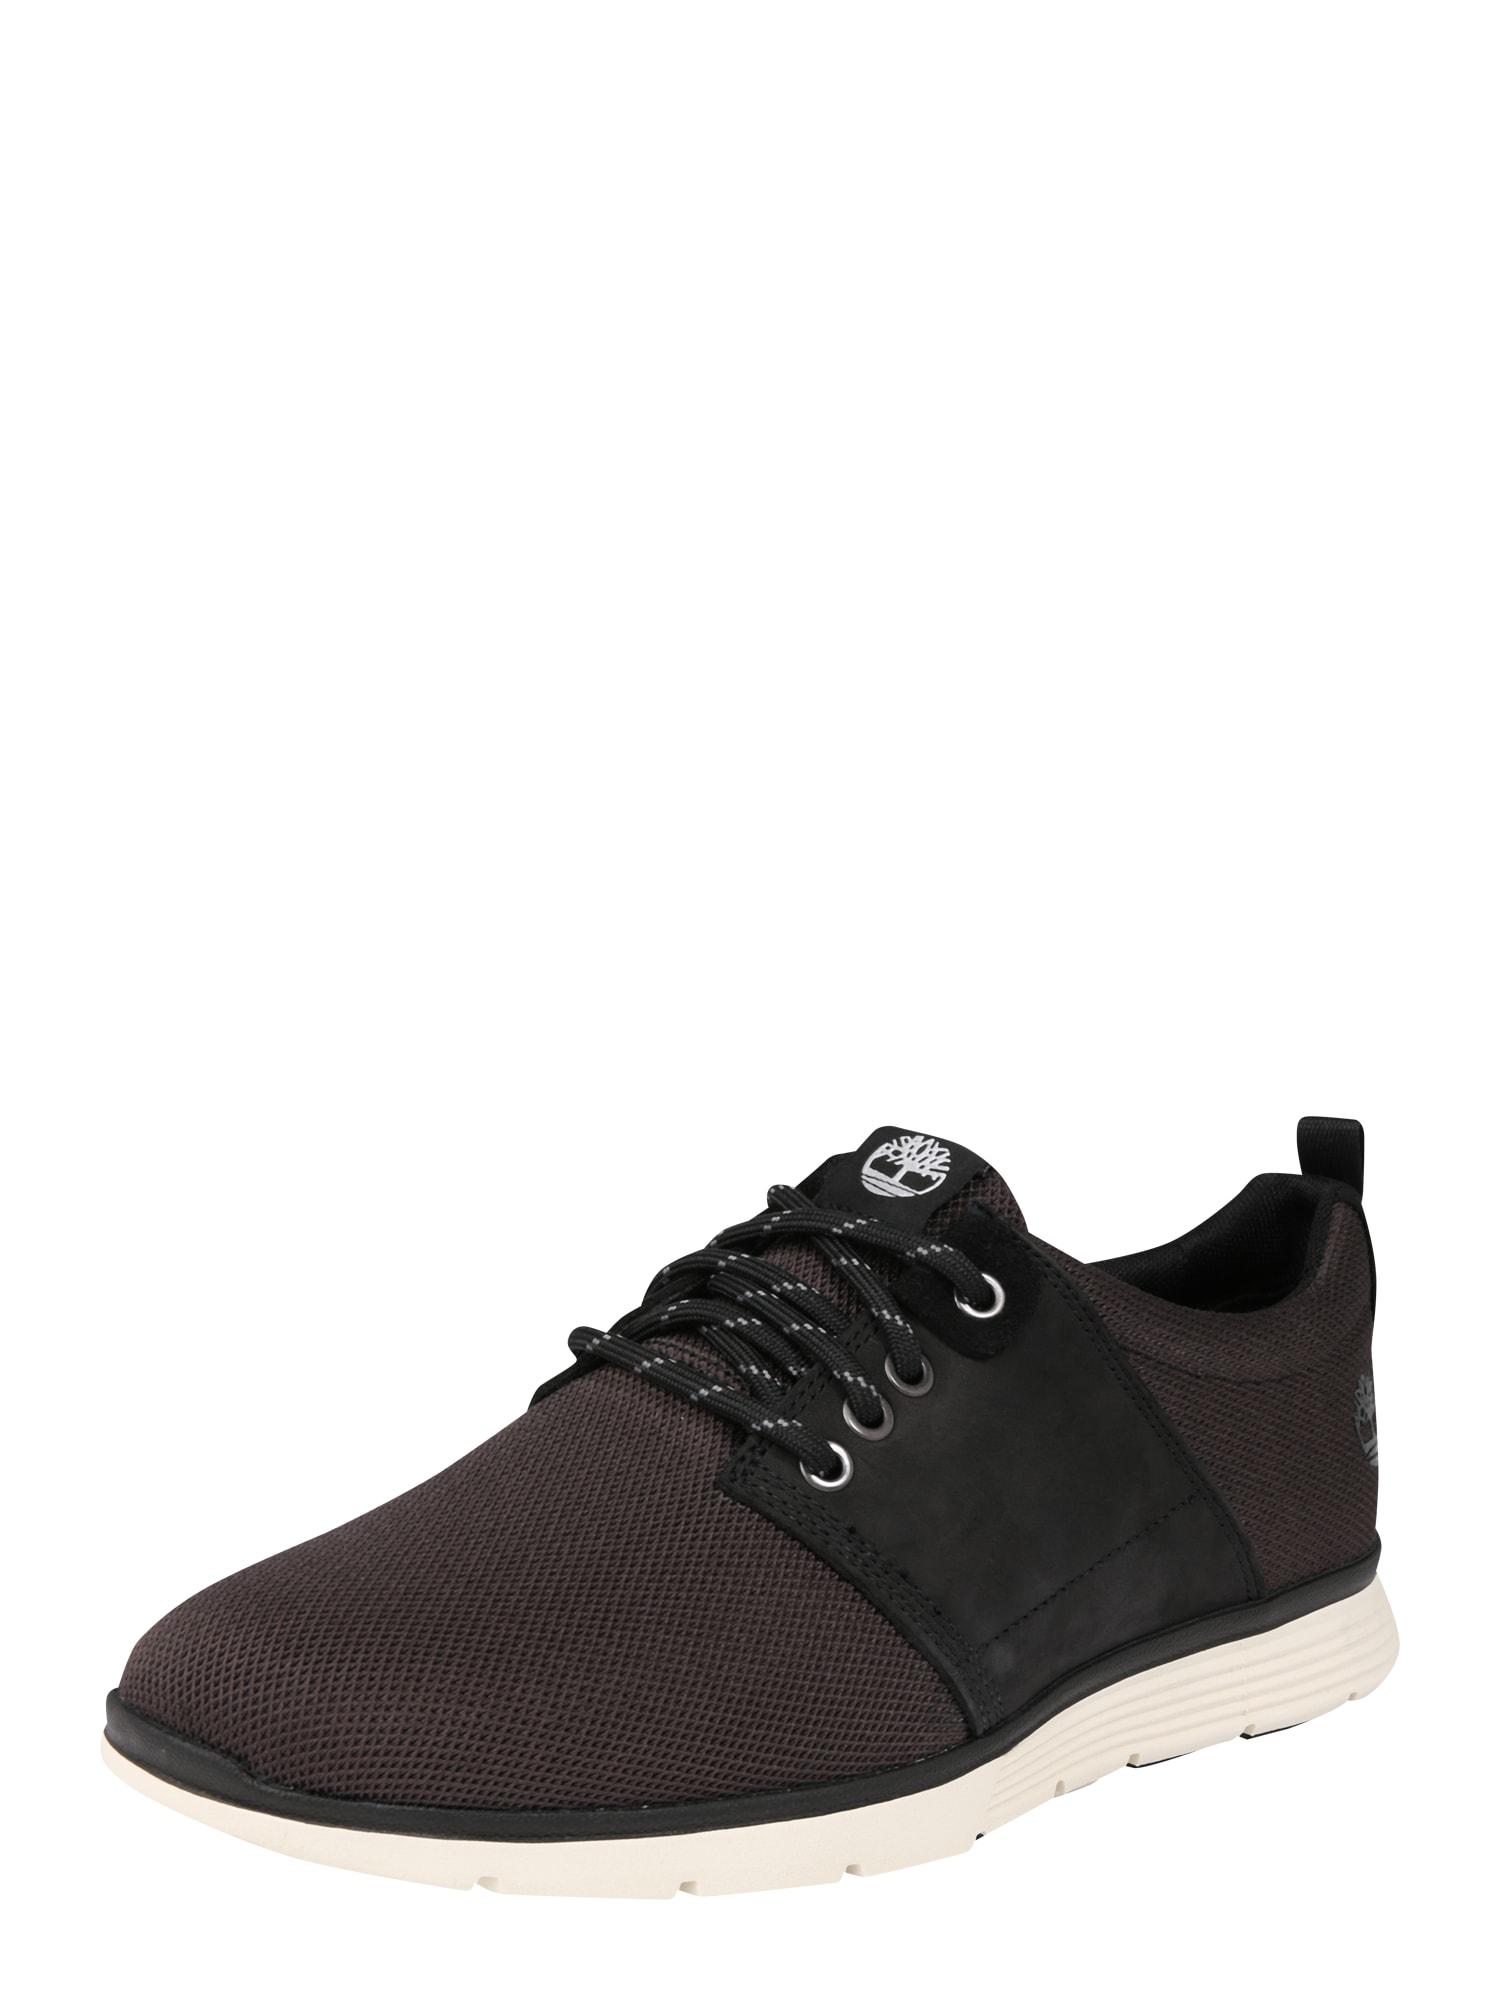 Sneaker 'Kilington' | Schuhe > Sneaker > Sneaker low | Timberland